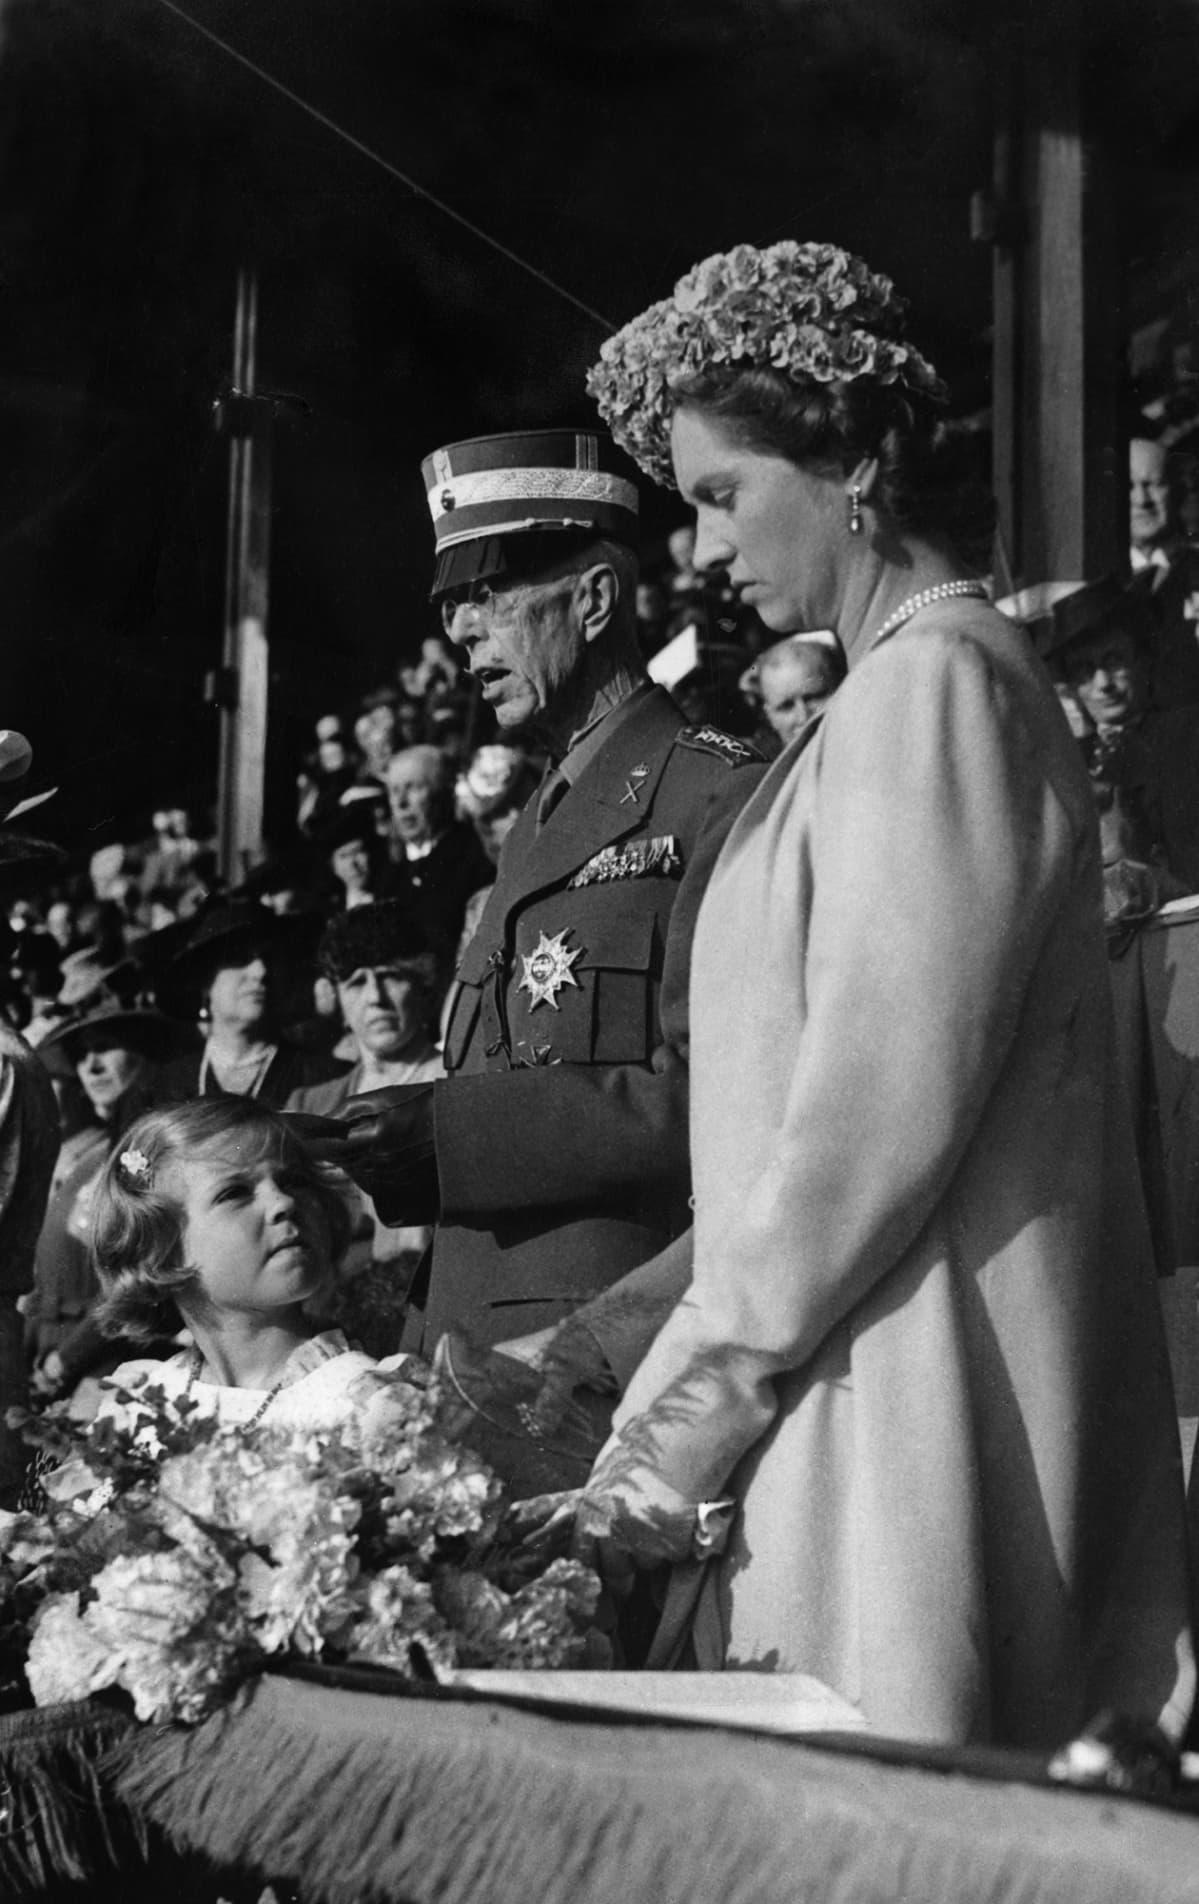 Kustaa V, prinsessa Margareta äitinsä kanssa vuonna 1940.